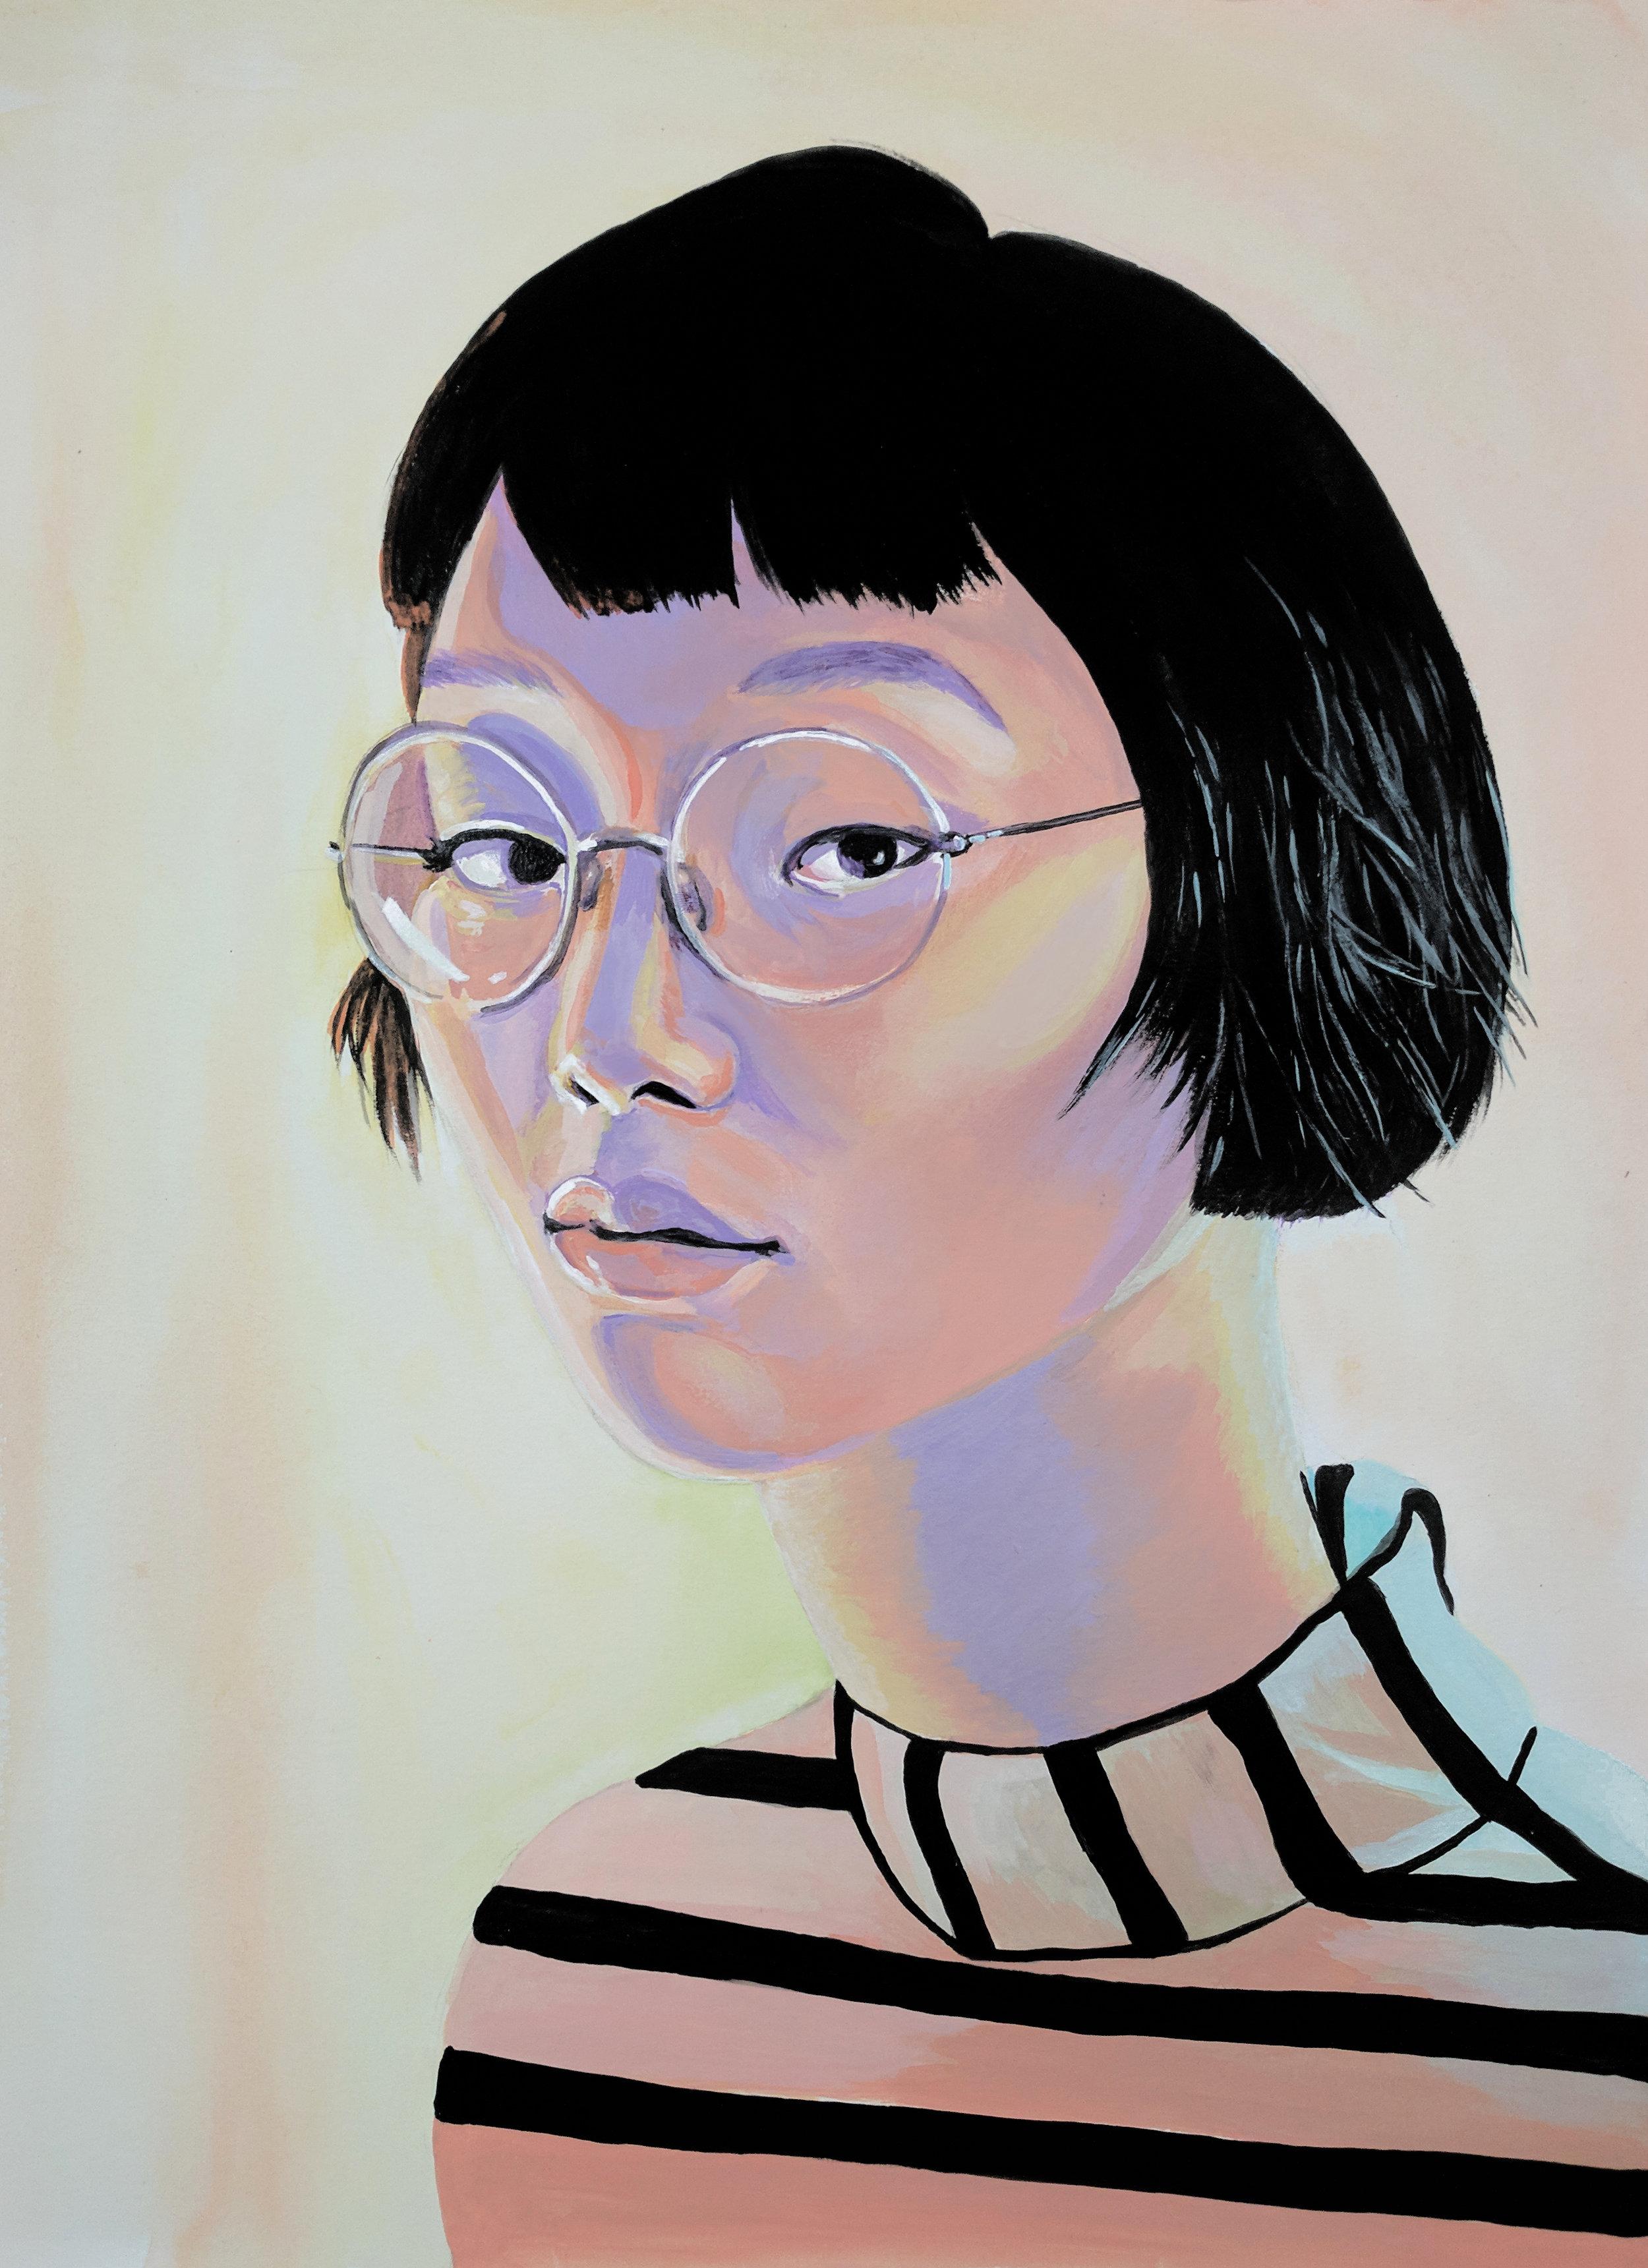 Artist Christine Sun Kim